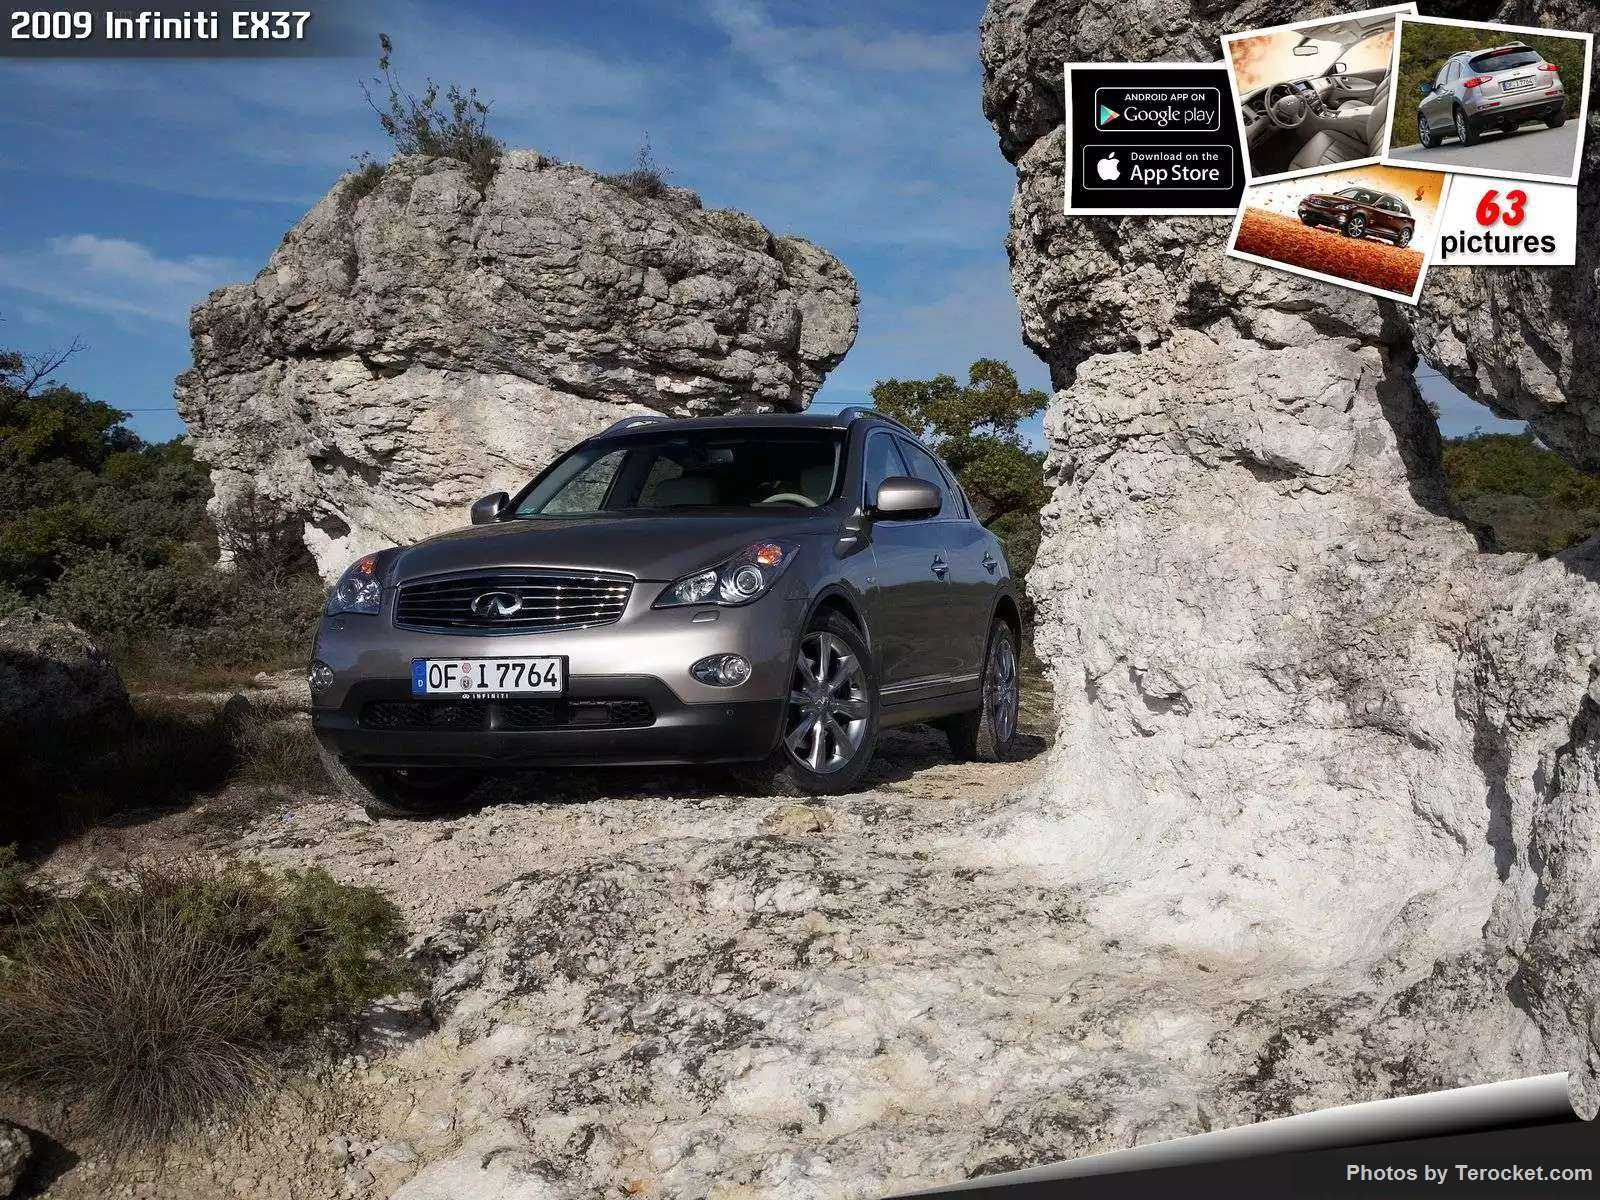 Hình ảnh xe ô tô Infiniti EX37 2009 & nội ngoại thất